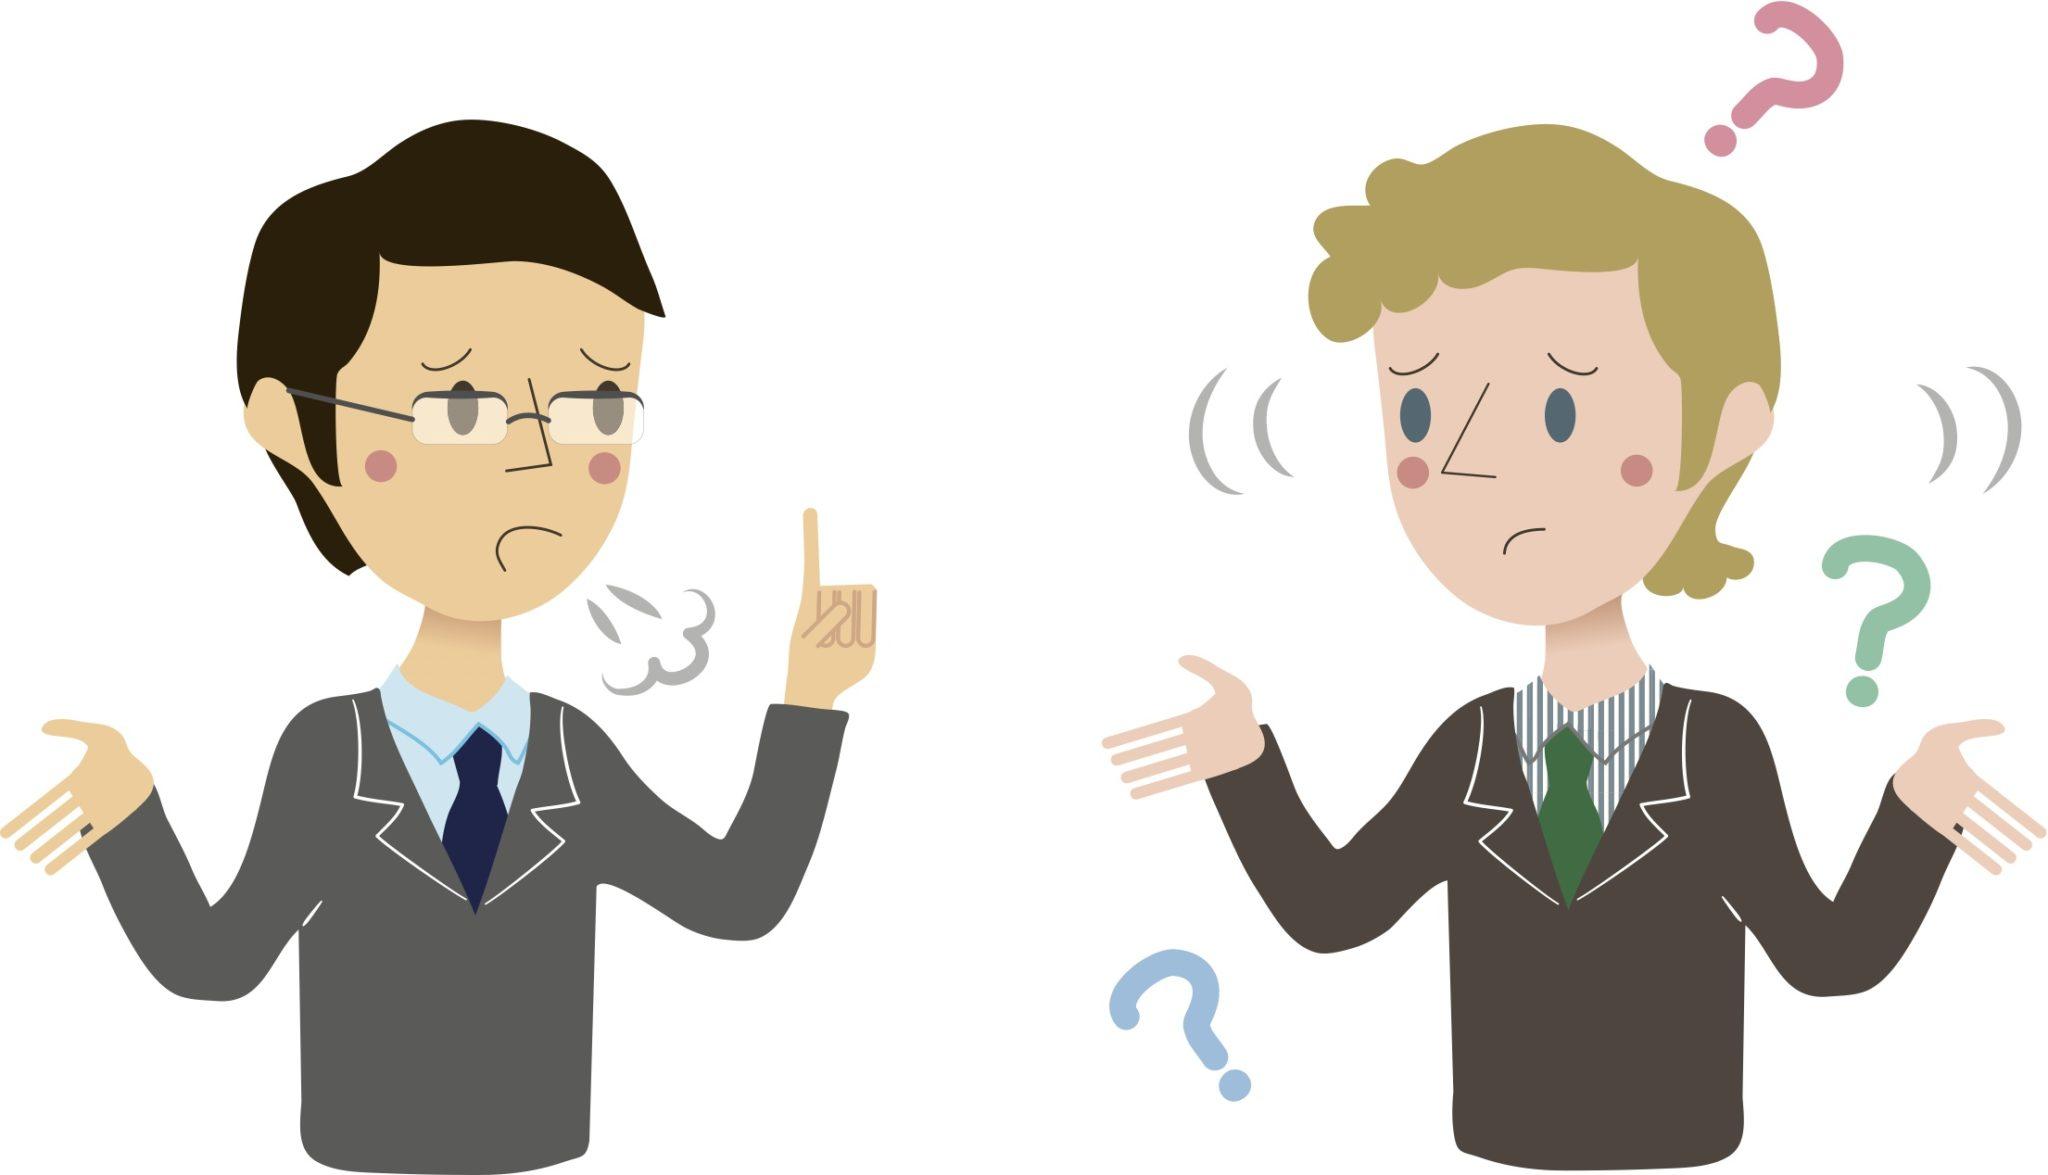 Kỹ năng giao tiếp đầu tư trong kinh doanh | Simple Fanpage